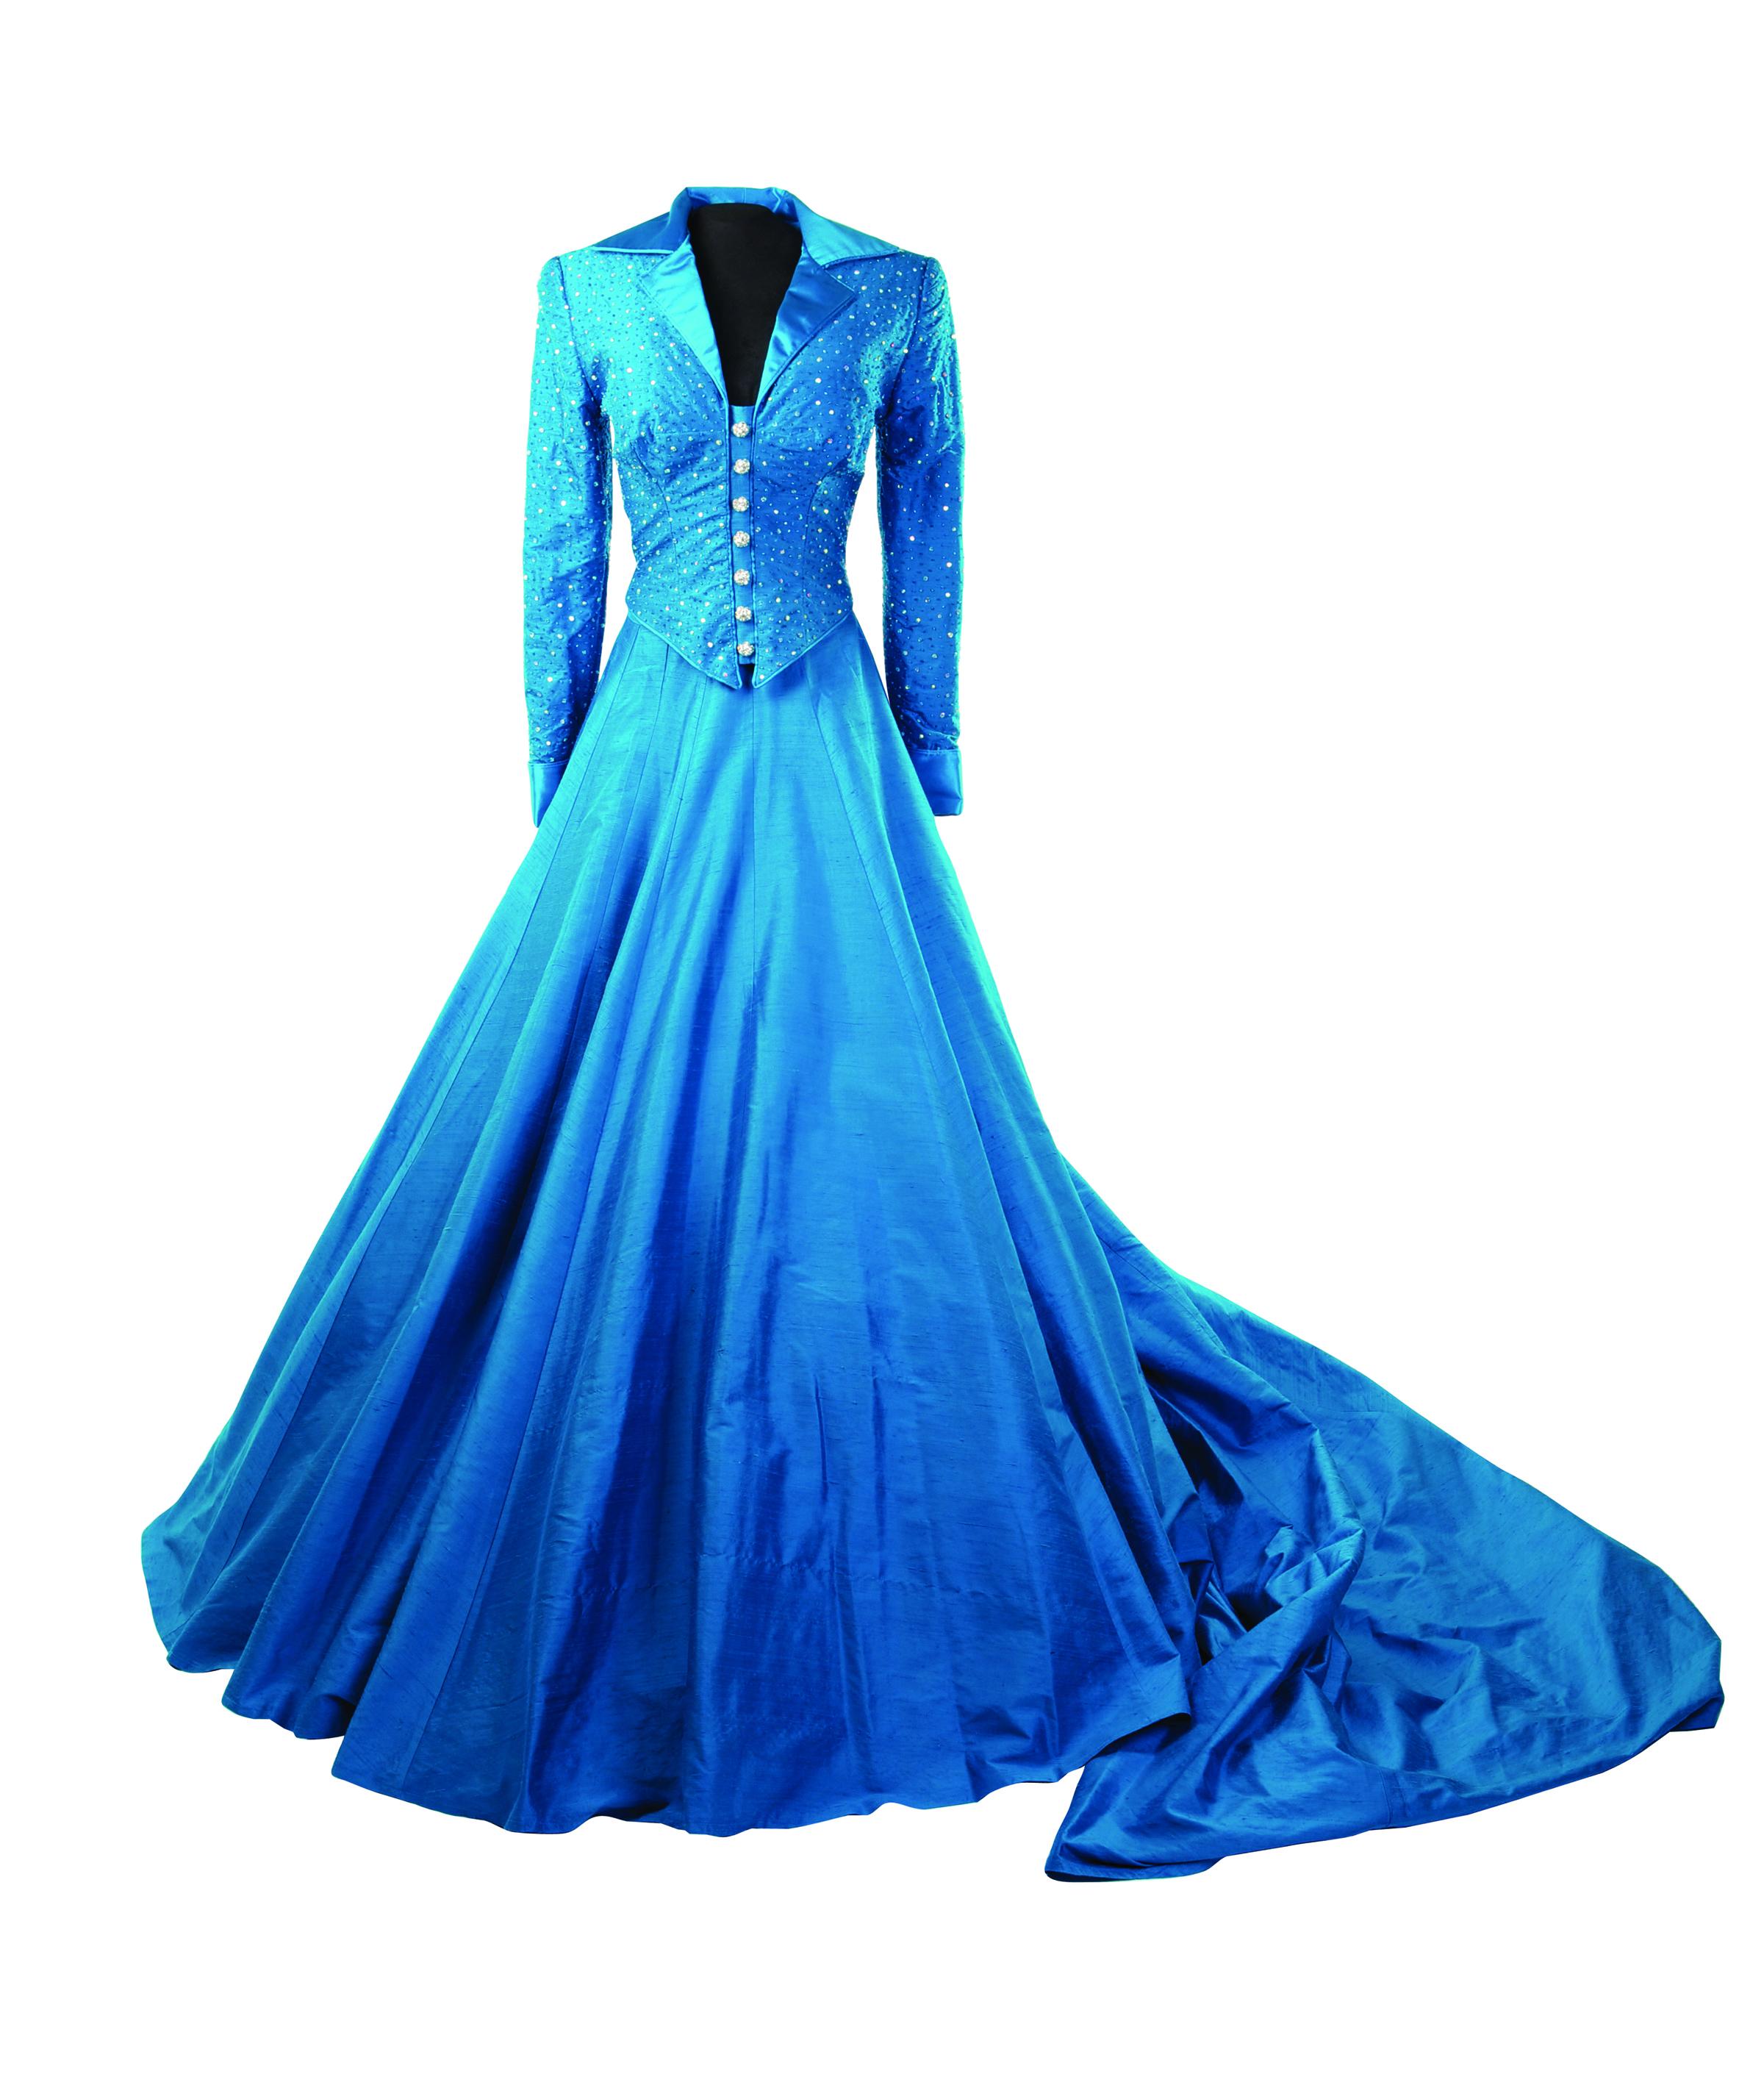 REBA_Blue 95 ACM Dress.jpg